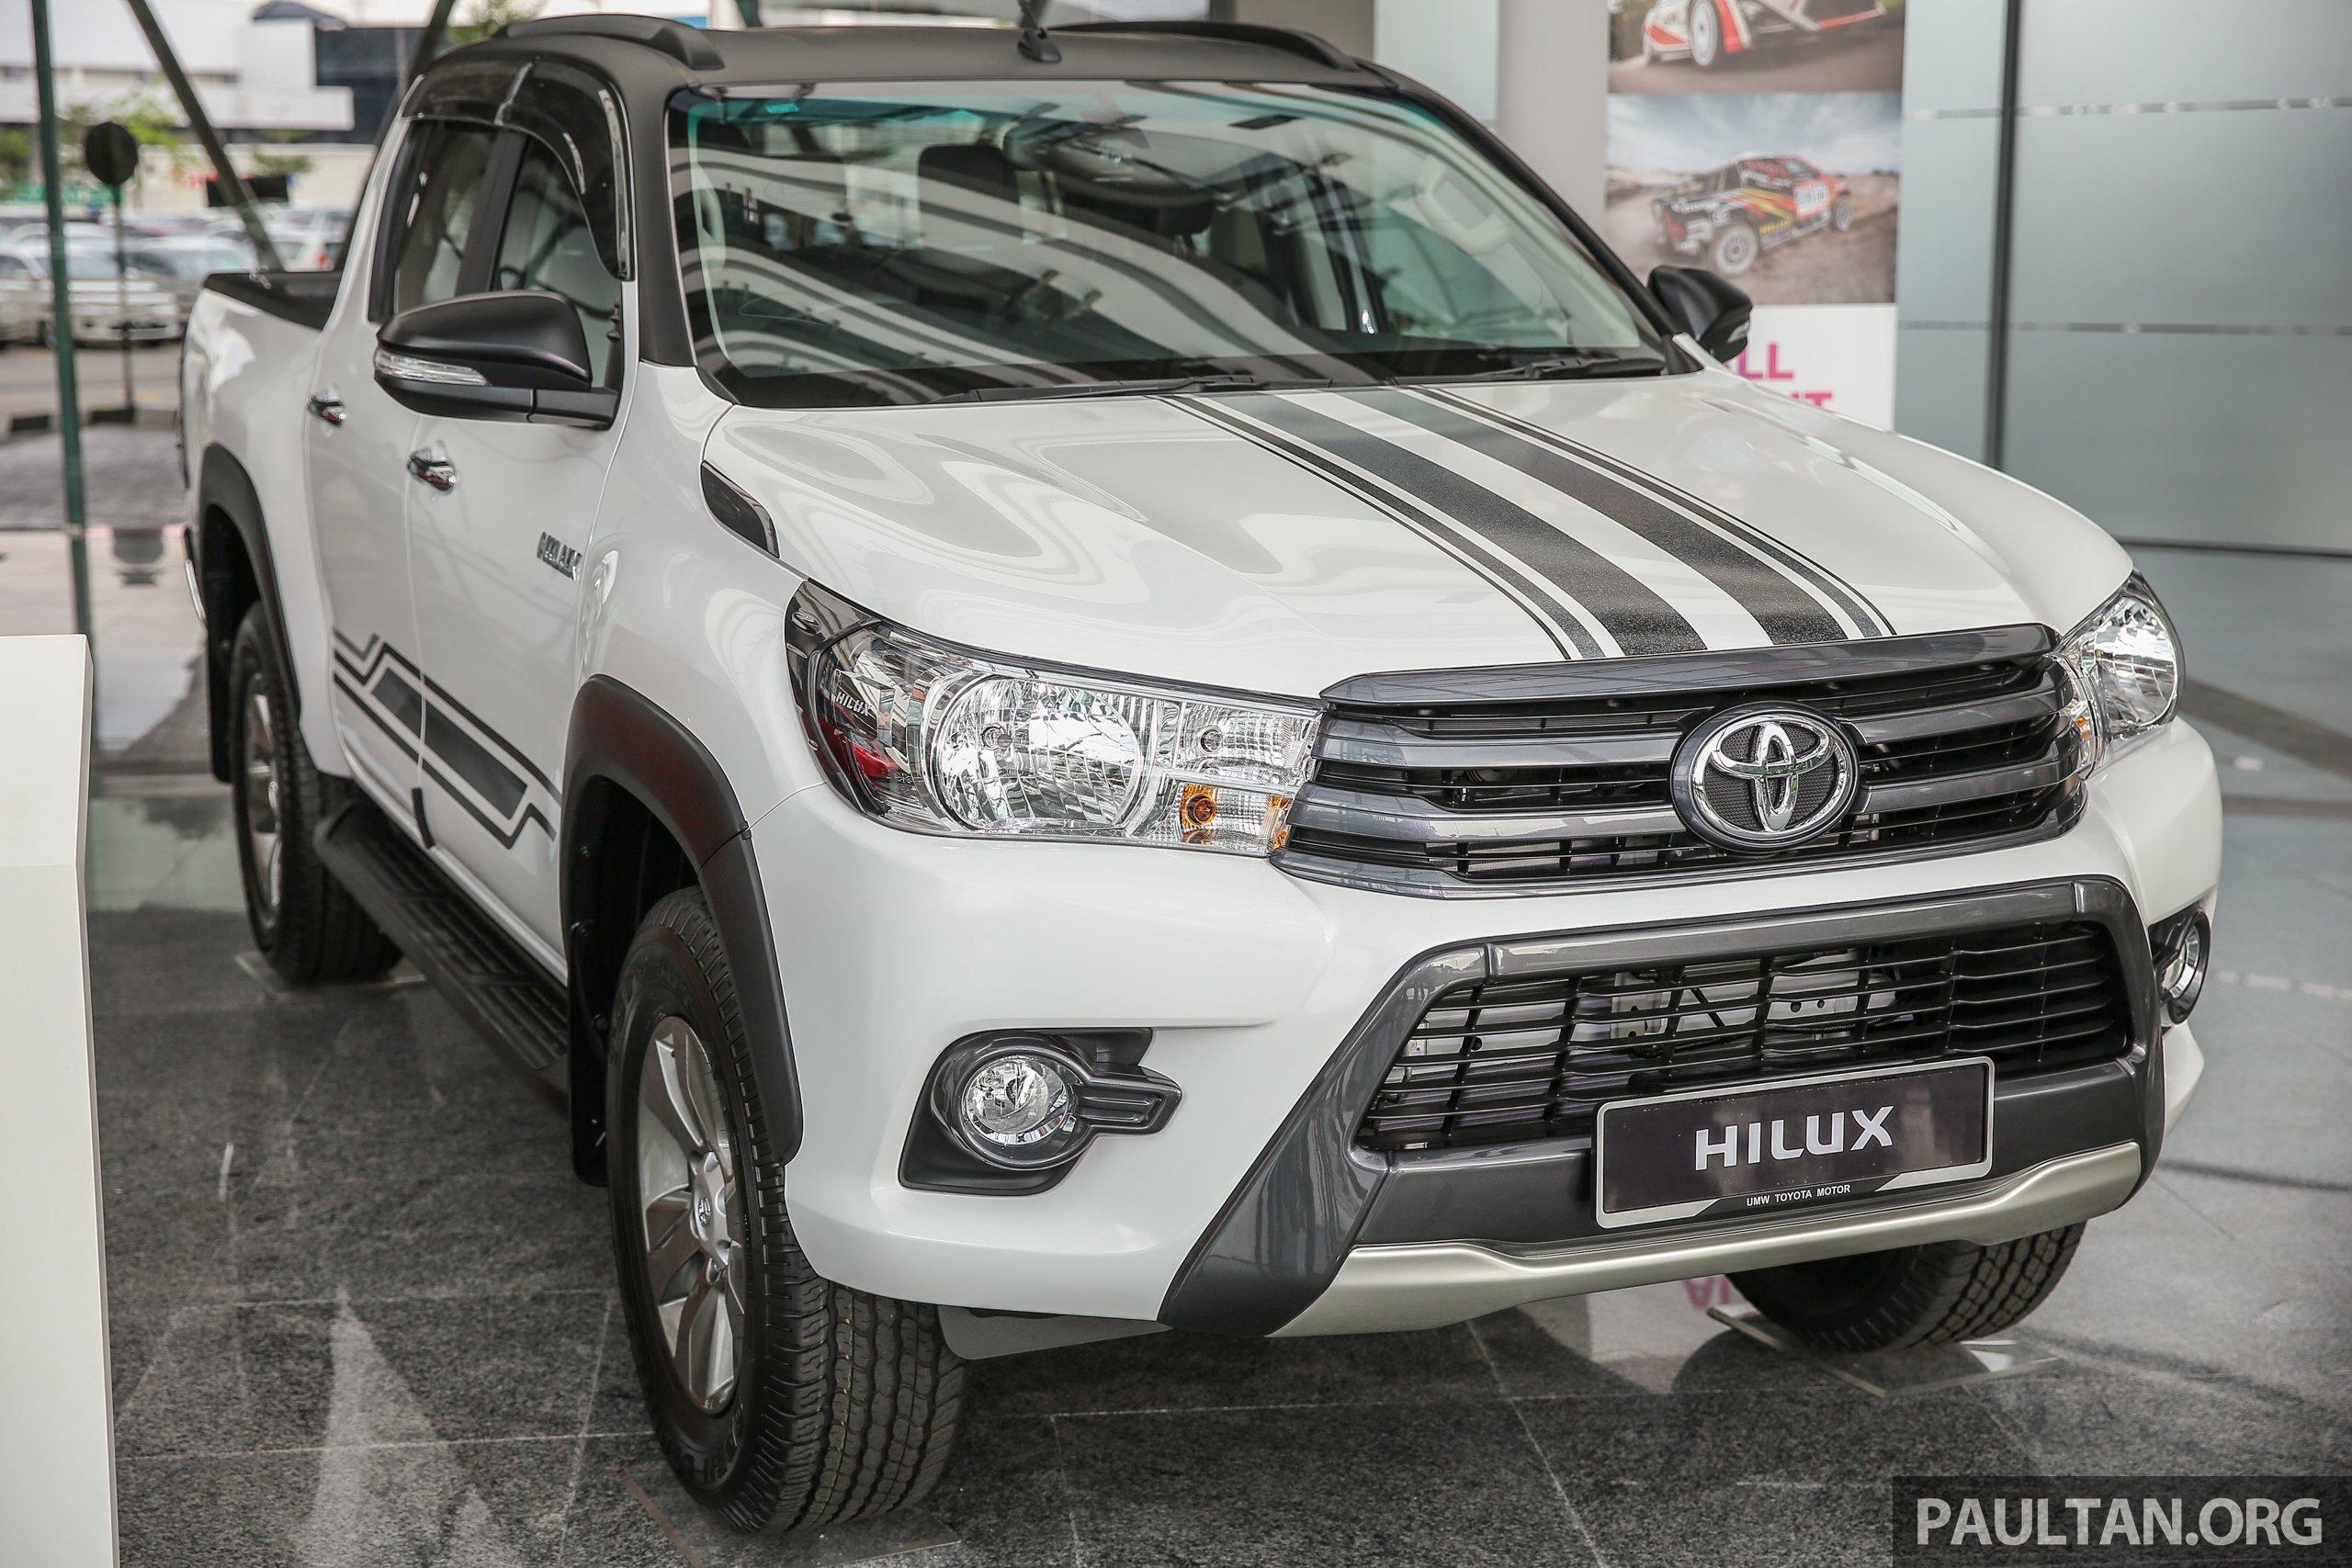 GALERI: Toyota Hilux 2.4G Edisi Terhad lebih bergaya Paul ...